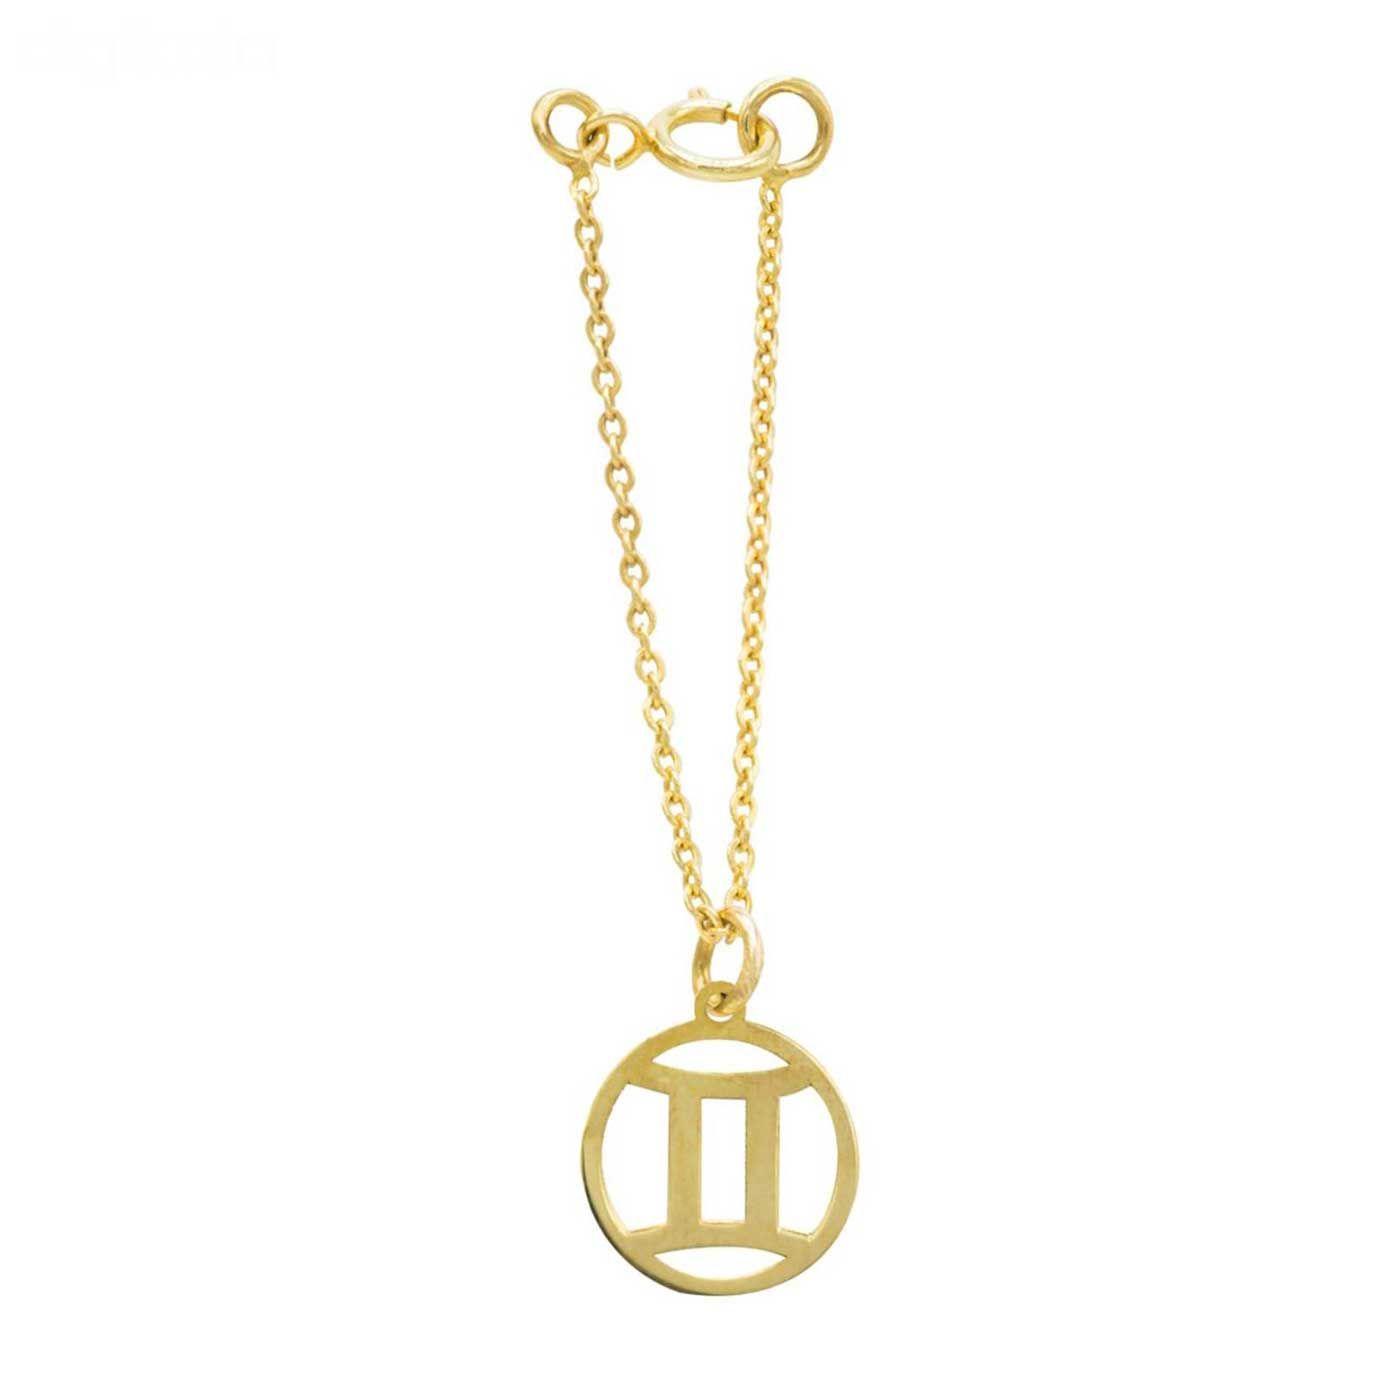 آویز ساعت طلا 18 عیار زنانه کانیار گالری کد AS143 -  - 1